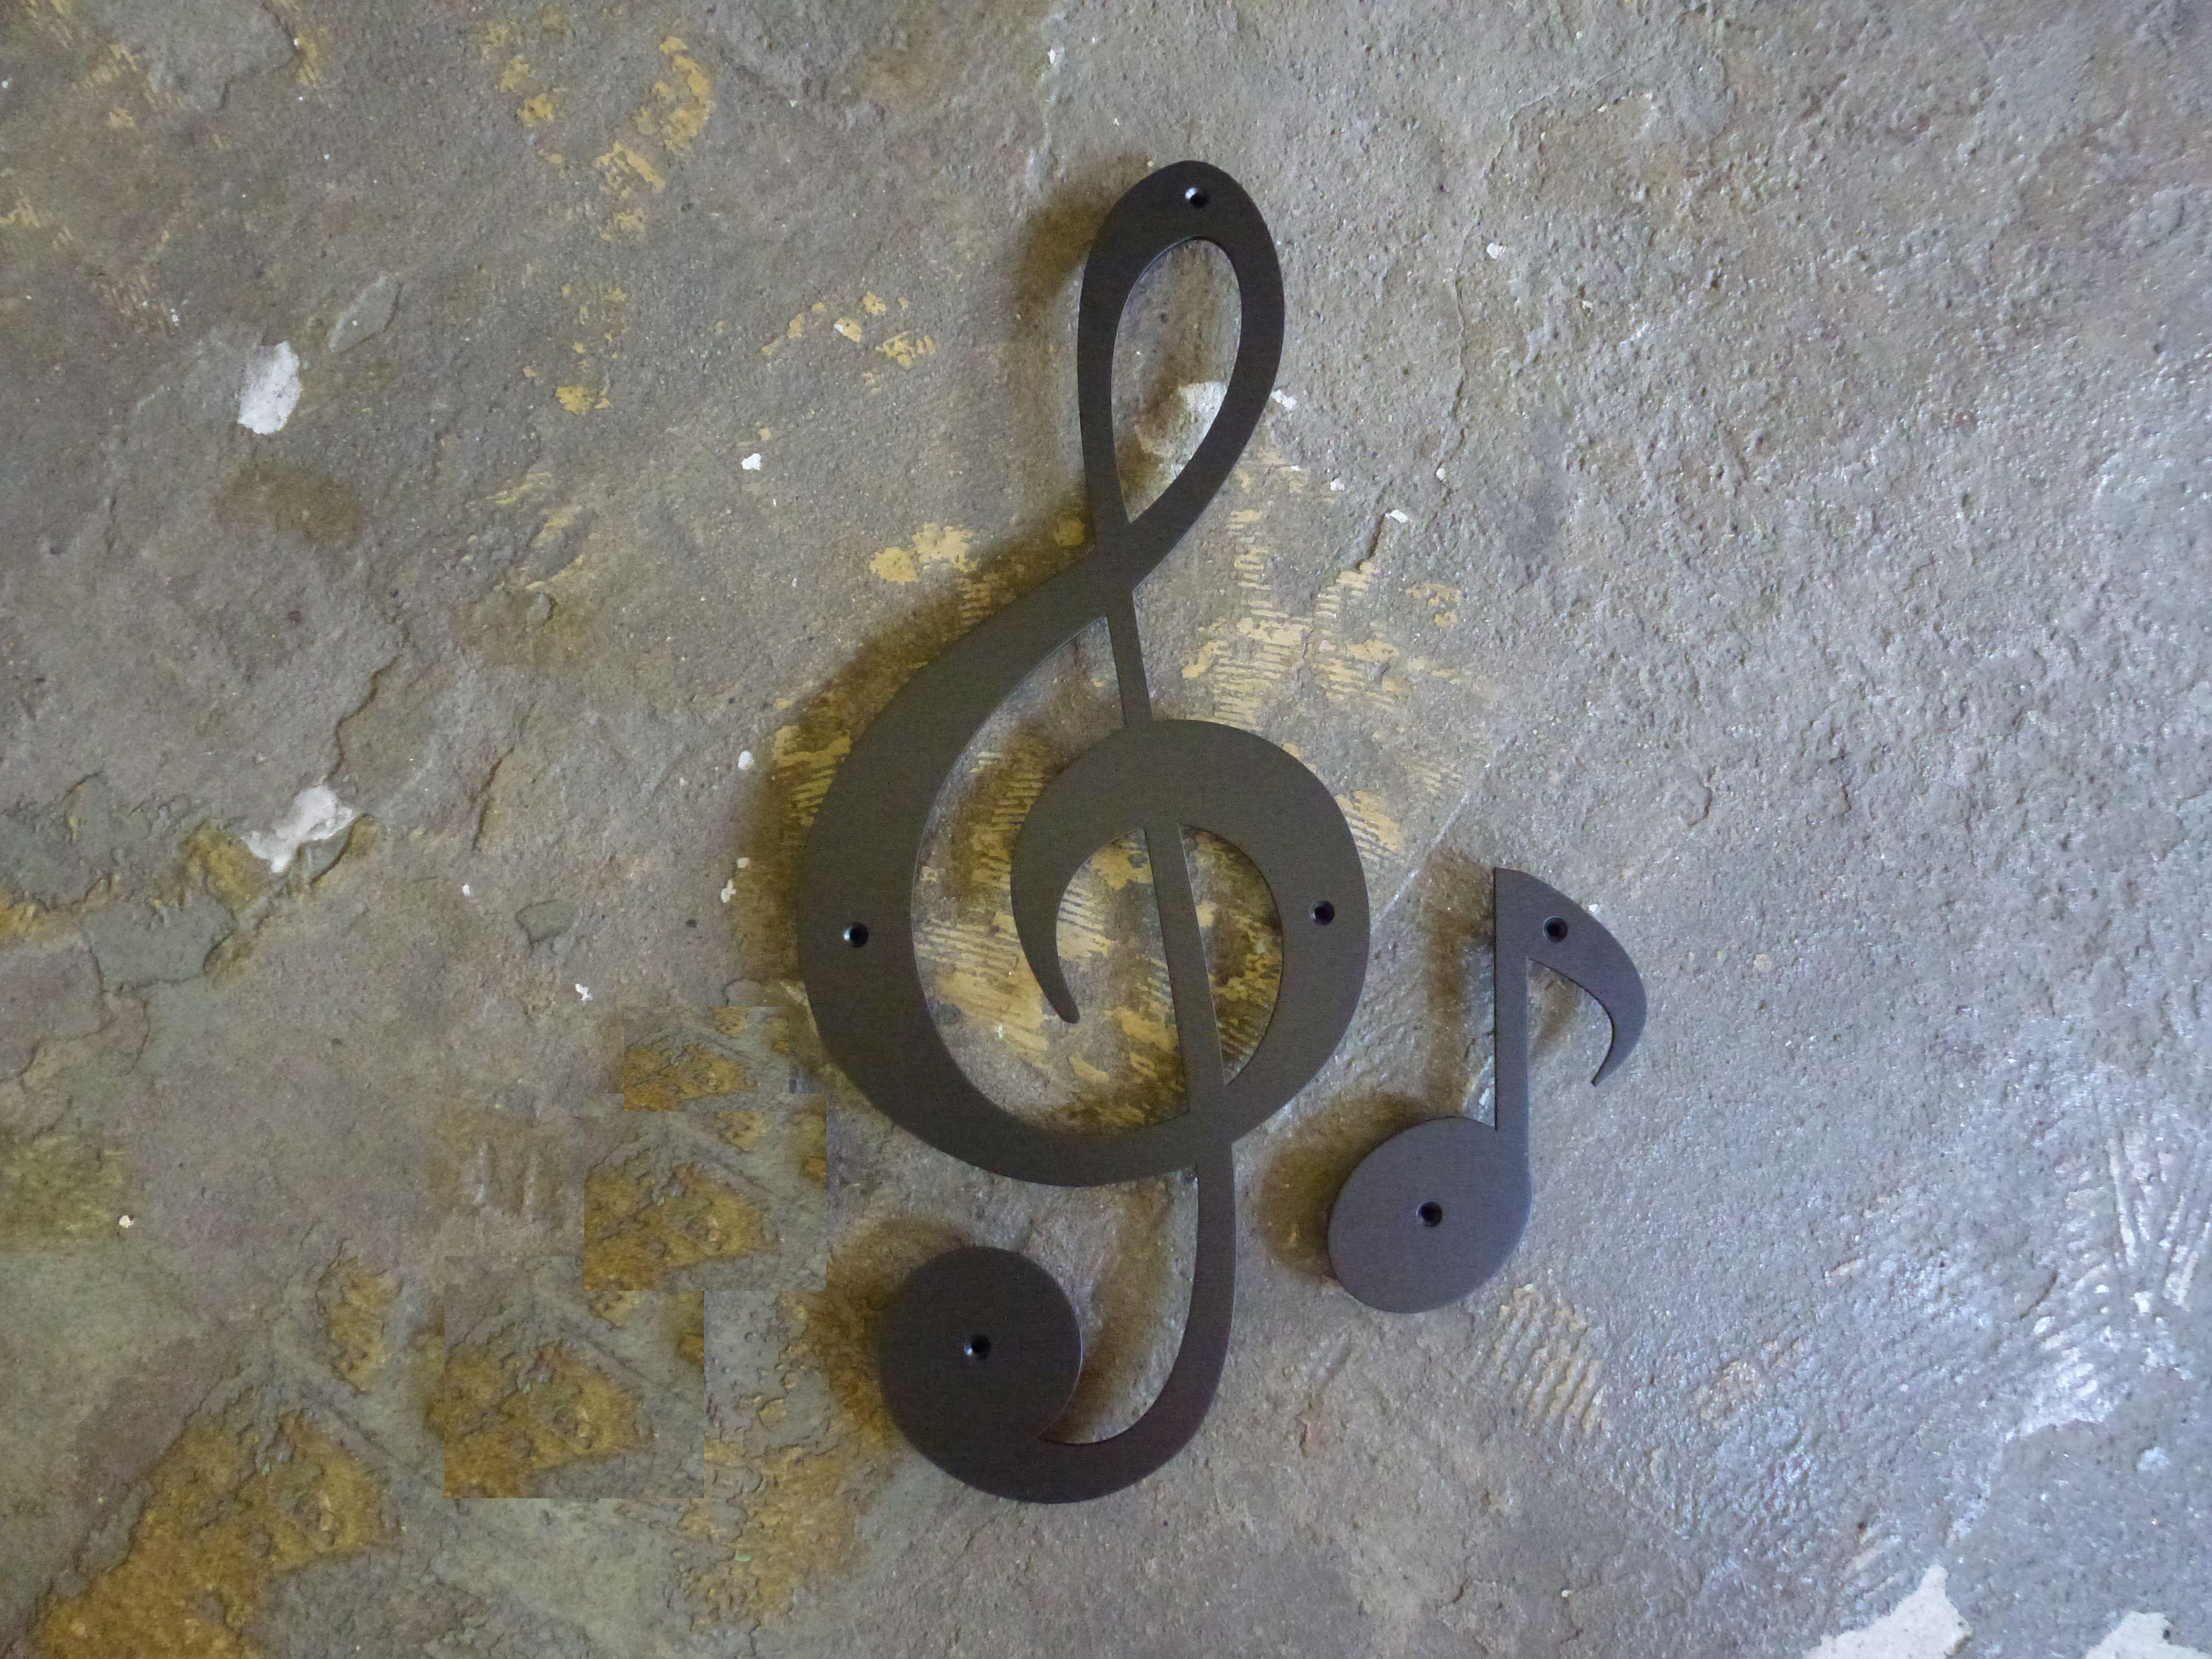 ト音記号と八分音符1個の組み合わせです。